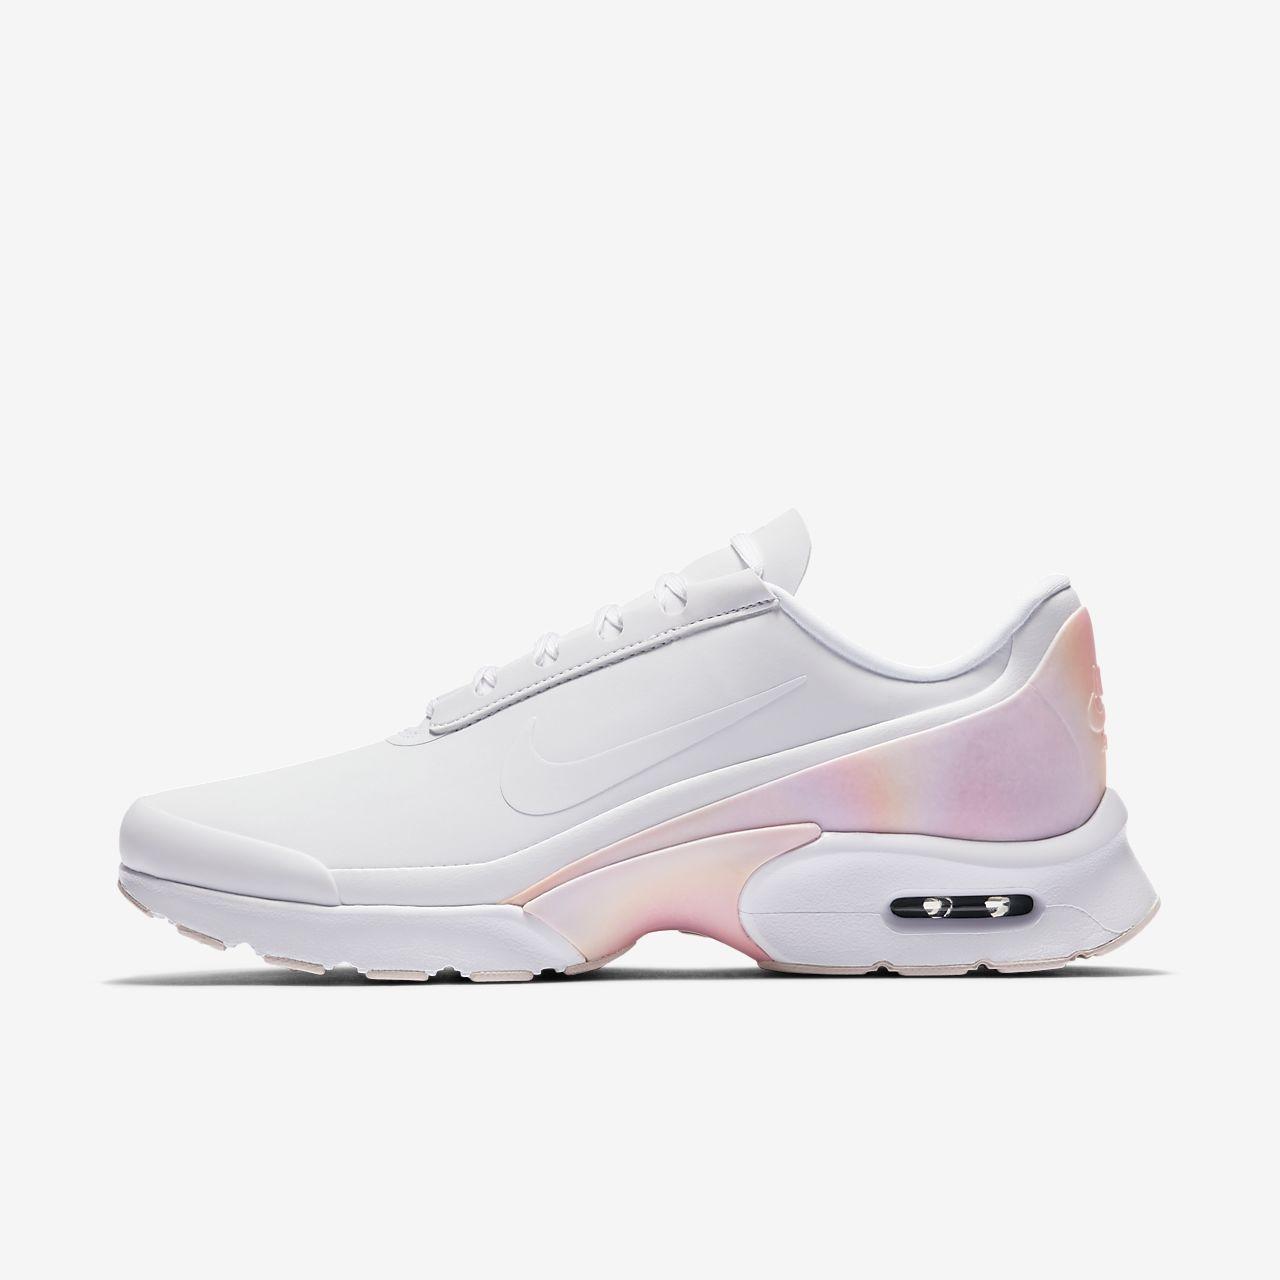 ... Nike Air Max Jewell Premium - sko til kvinder